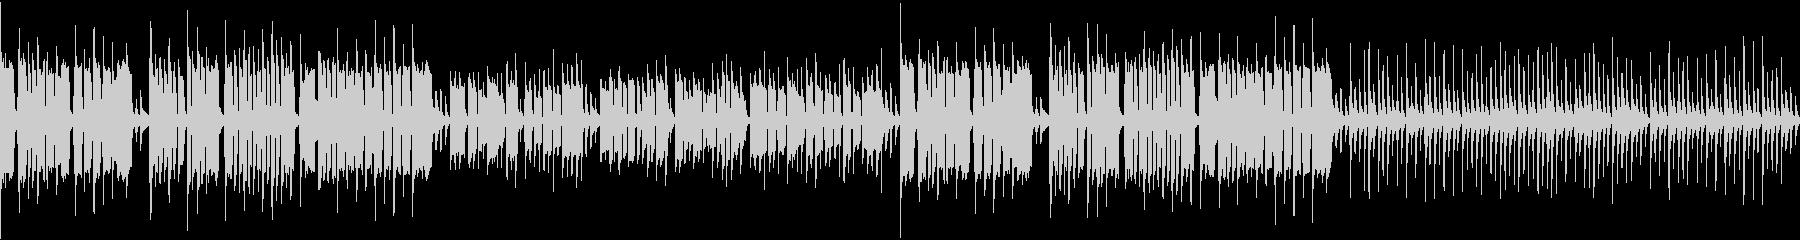 リコーダーが可愛い「お正月」ループ版の未再生の波形